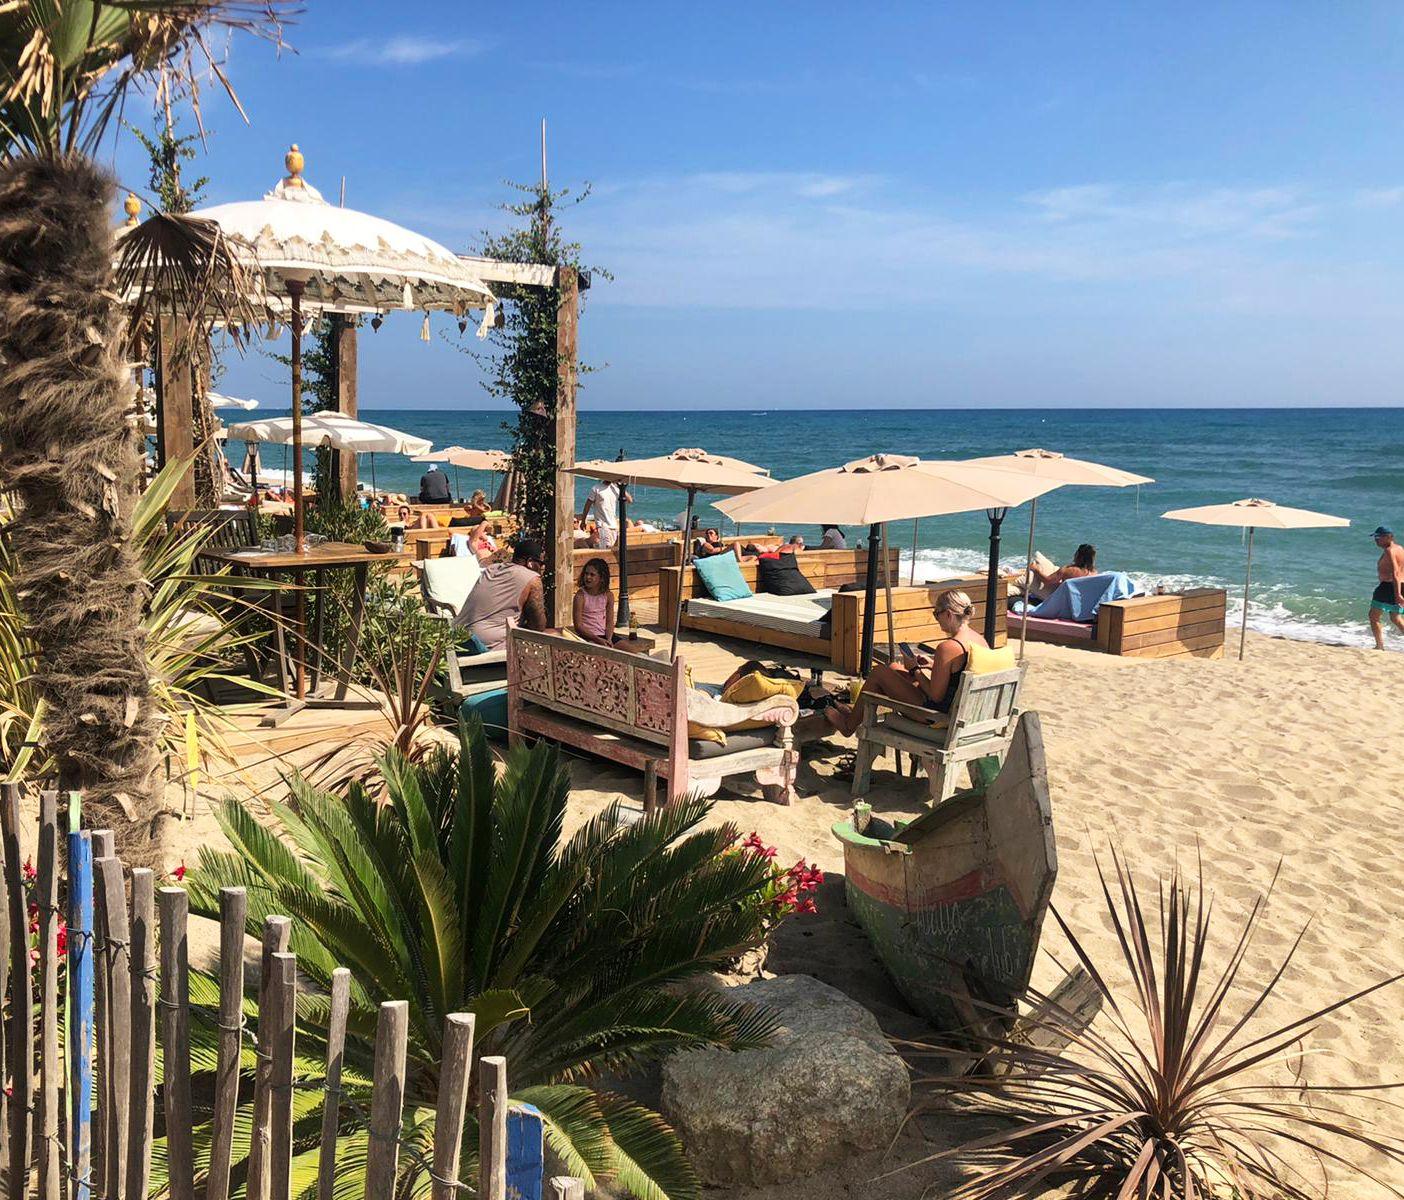 Les voyages de Caroline : Maya Beach Club sur Toreilles dans les PO